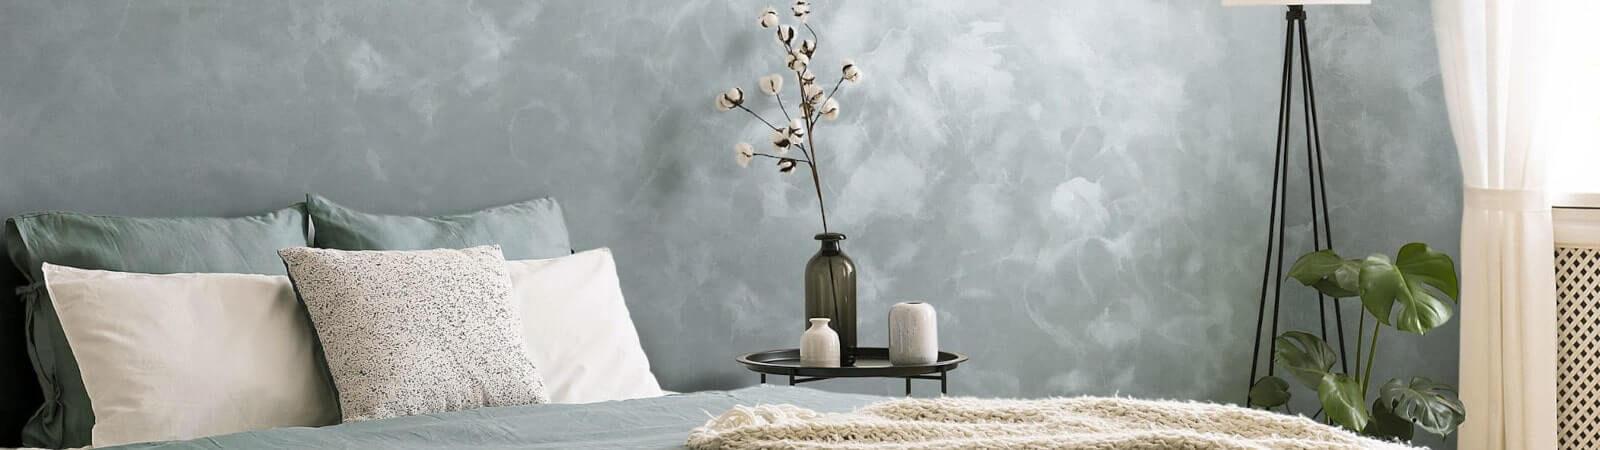 Сучасне фарбування стін в квартирі